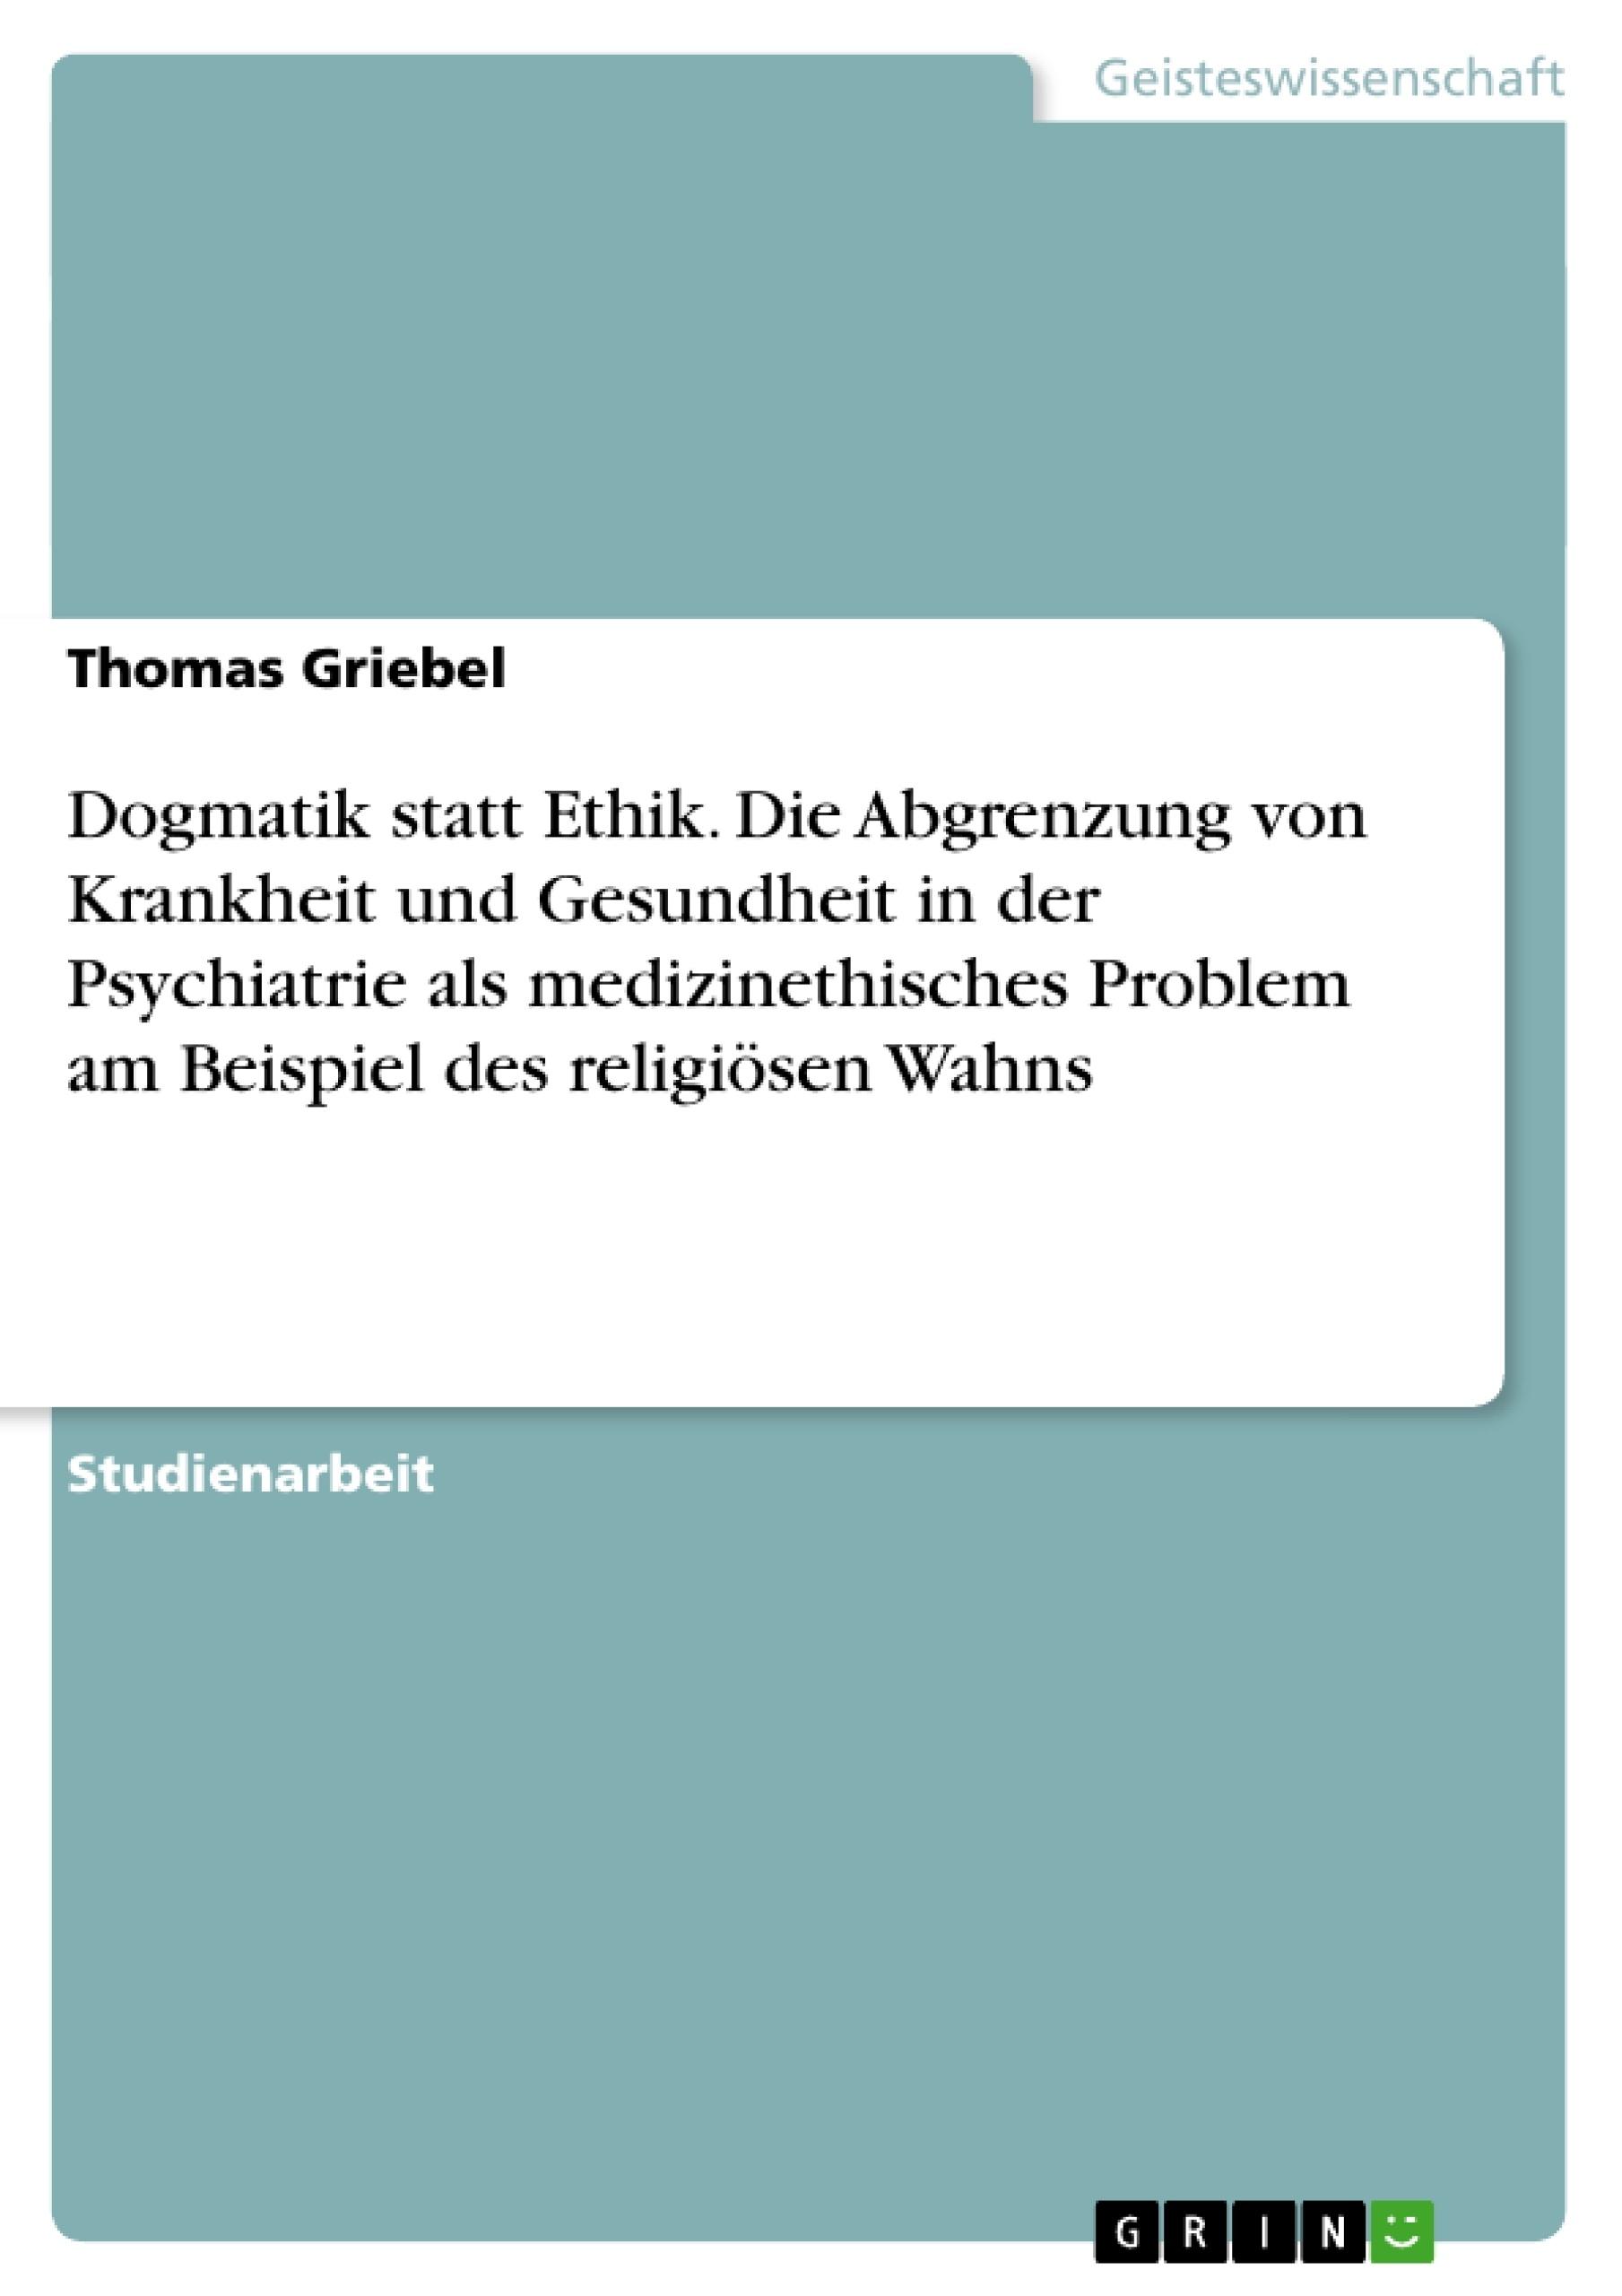 Titel: Dogmatik statt Ethik. Die Abgrenzung von Krankheit und Gesundheit in der Psychiatrie als medizinethisches Problem am Beispiel des religiösen Wahns